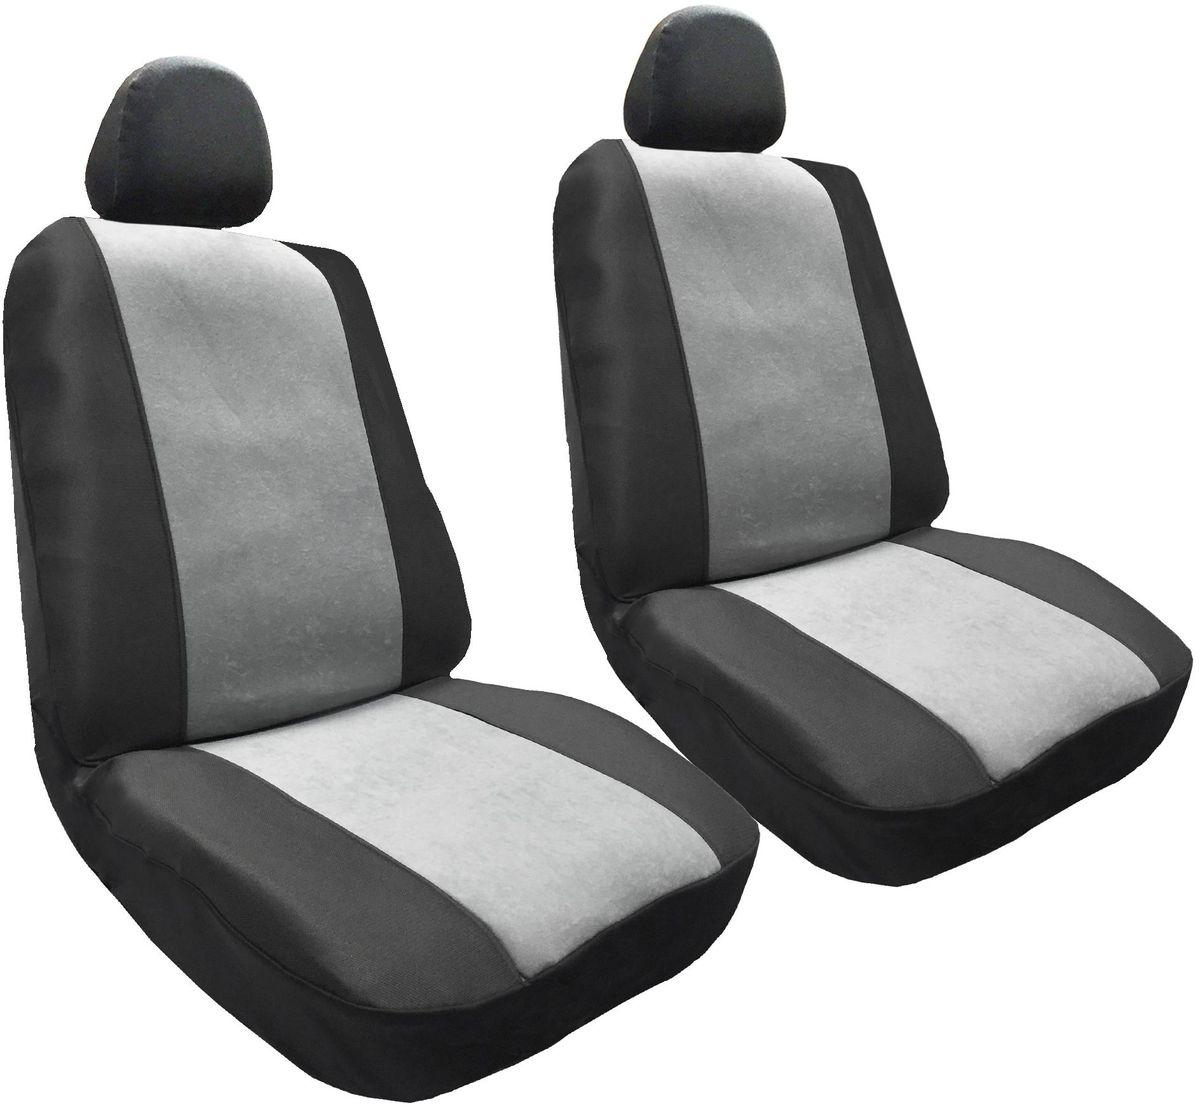 Набор автомобильных чехлов Auto Premium Корвет, цвет: черный, серый, 4 предмета57301Комлект универсальных чехлов на передние сиденья выполнен из велюра, предназначен для передних кресел автомобиля. В комплект входят съемные чехлы для подголовников .Практичный и долговечный комплект чехлов для передних сидений надежно защищает сиденье водителя и пассажира от механических повреждений, загрязнений и износа.